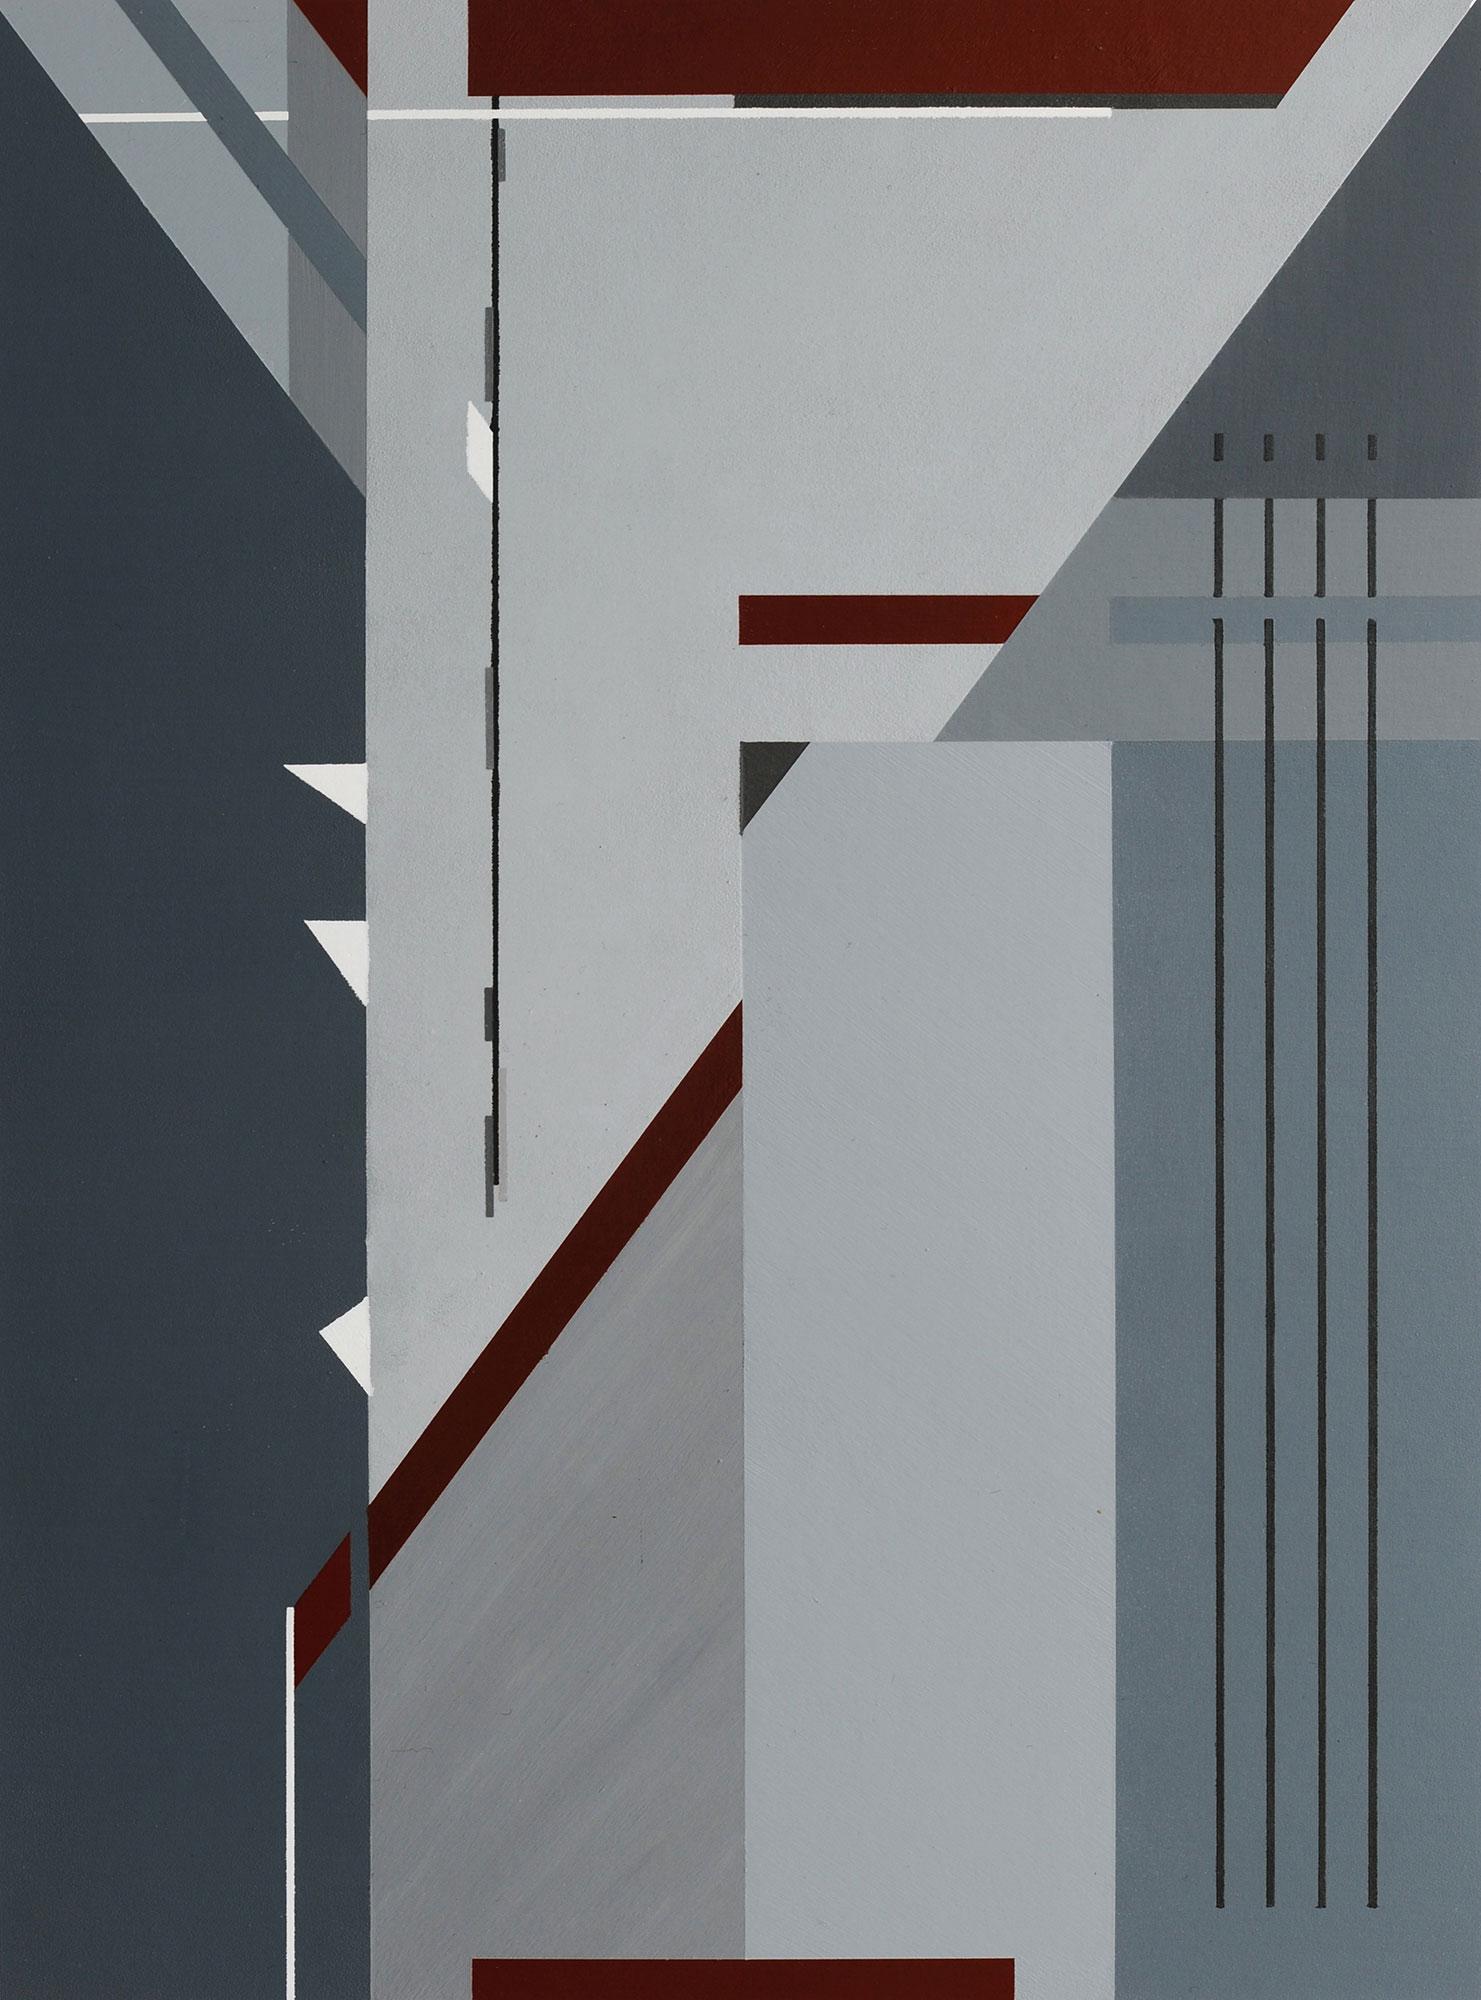 Derrière, 2011, peinture acrylique sur carton, 40x29 cm